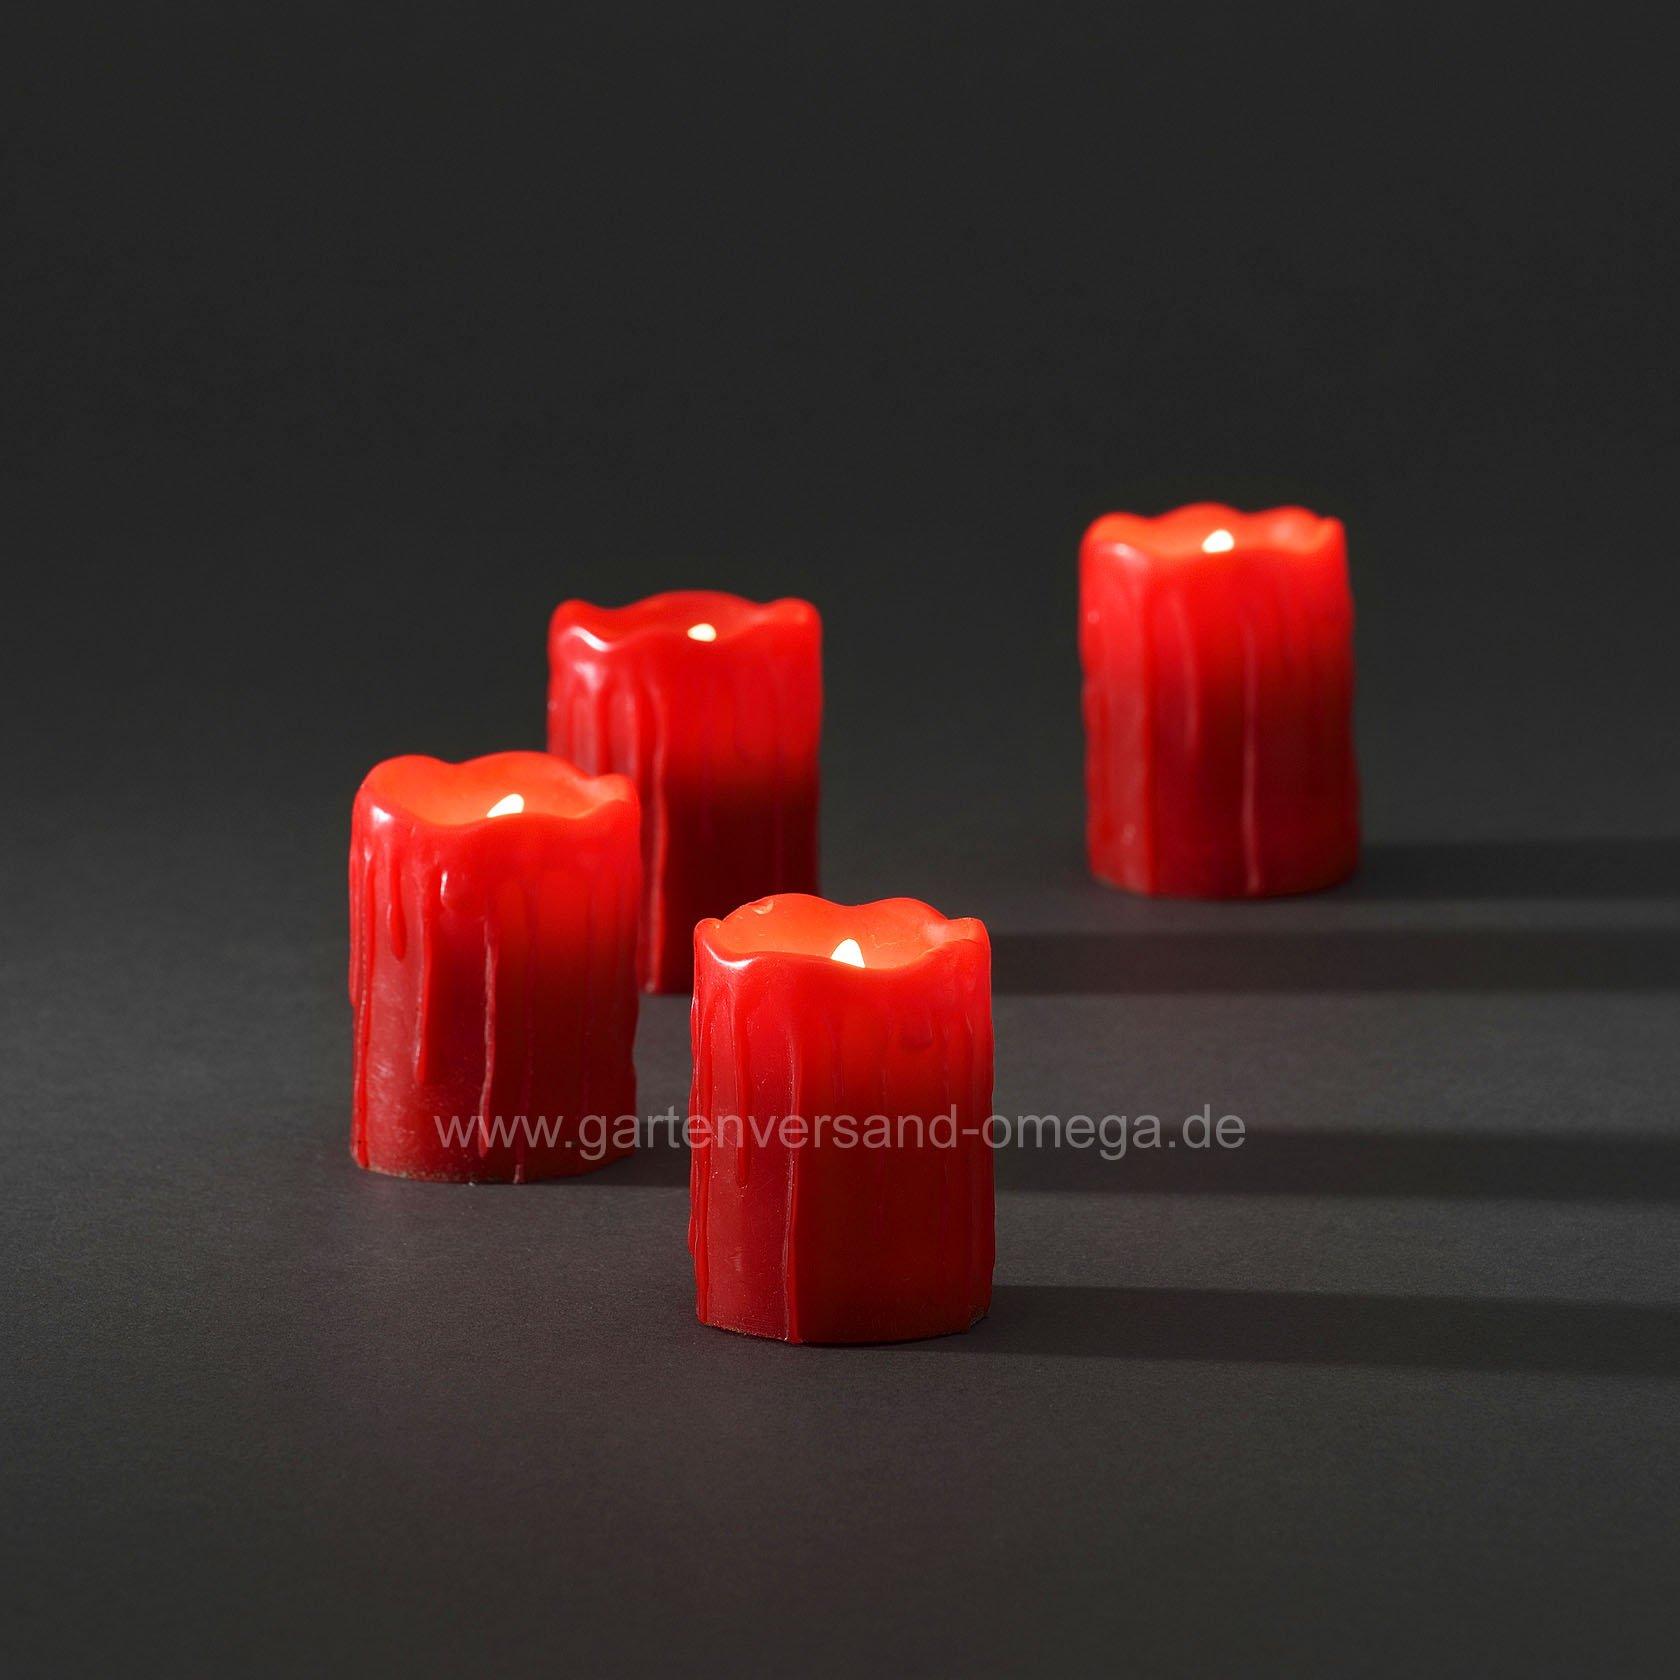 led echtwachskerzen rot glas pendelleuchte modern. Black Bedroom Furniture Sets. Home Design Ideas